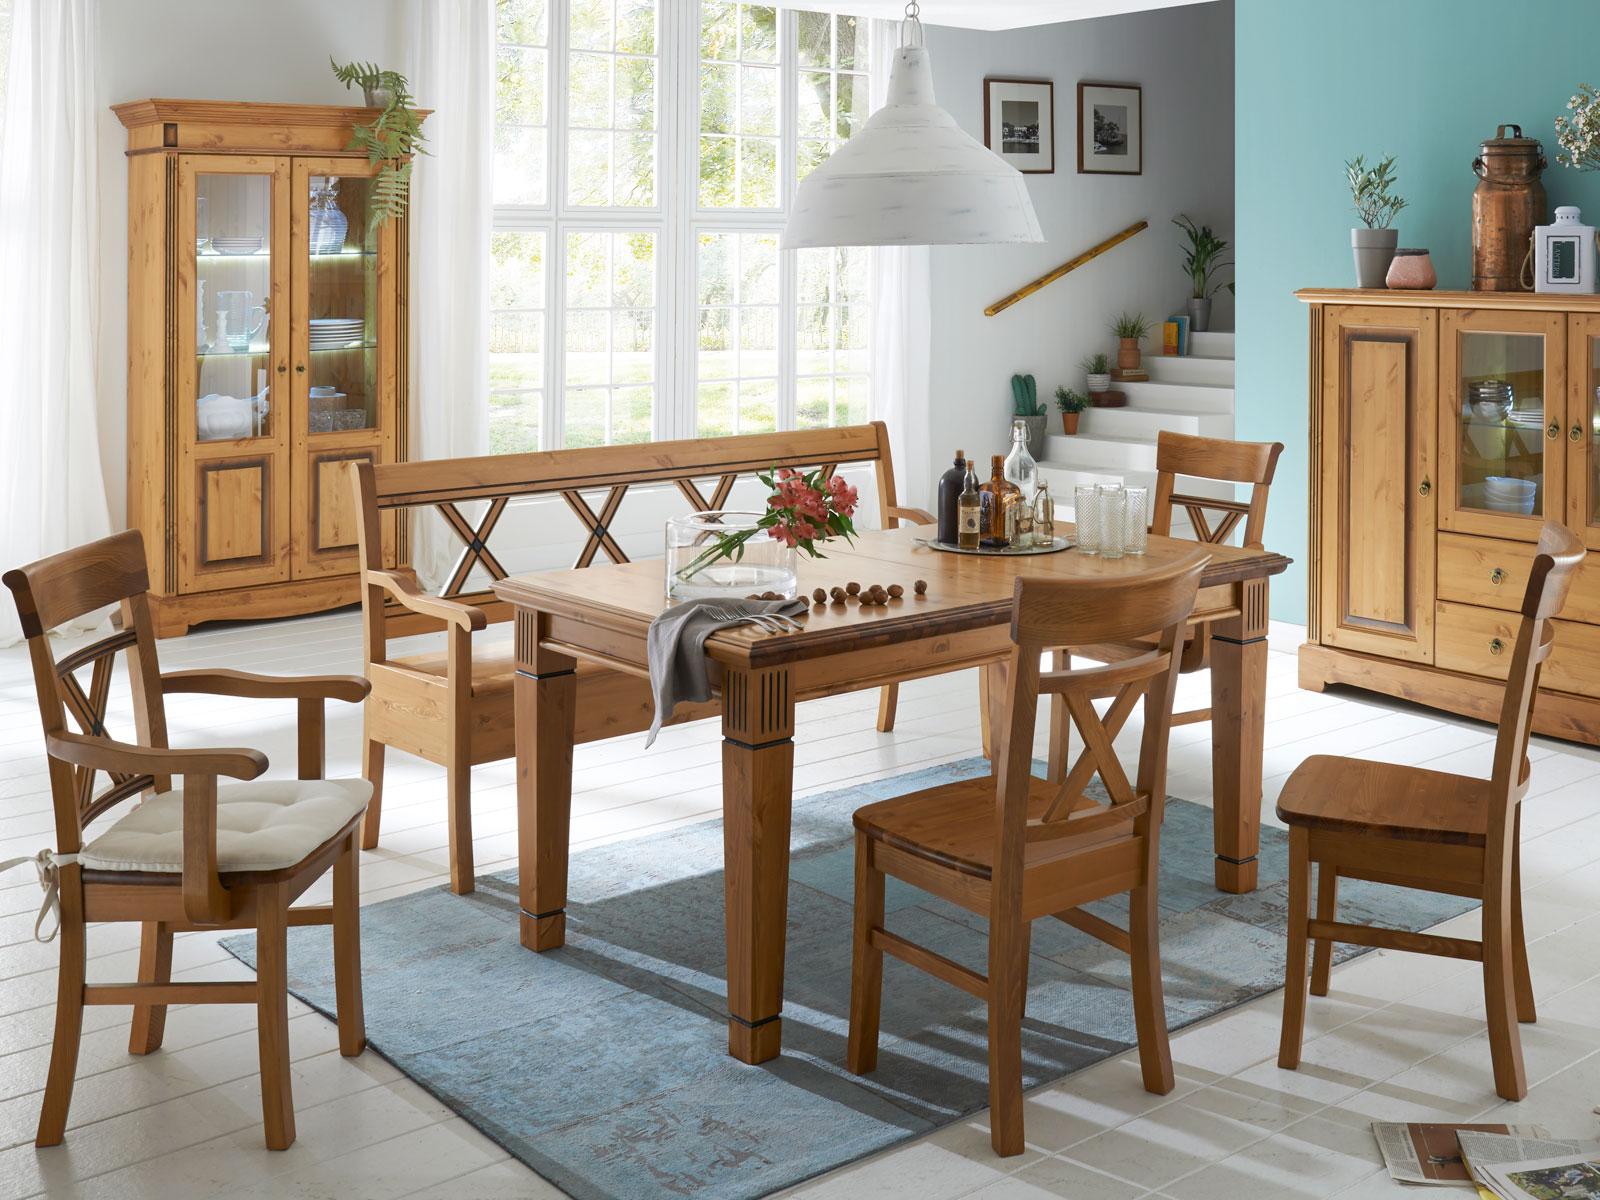 Full Size of Esstischstühle Esstisch Oval Weiß Bogenlampe Lampen Esstische Rund Mit Stühlen Massiv Ausziehbar Vintage Holzplatte Altholz Massivholz Deckenlampe Sofa Esstische Stühle Esstisch